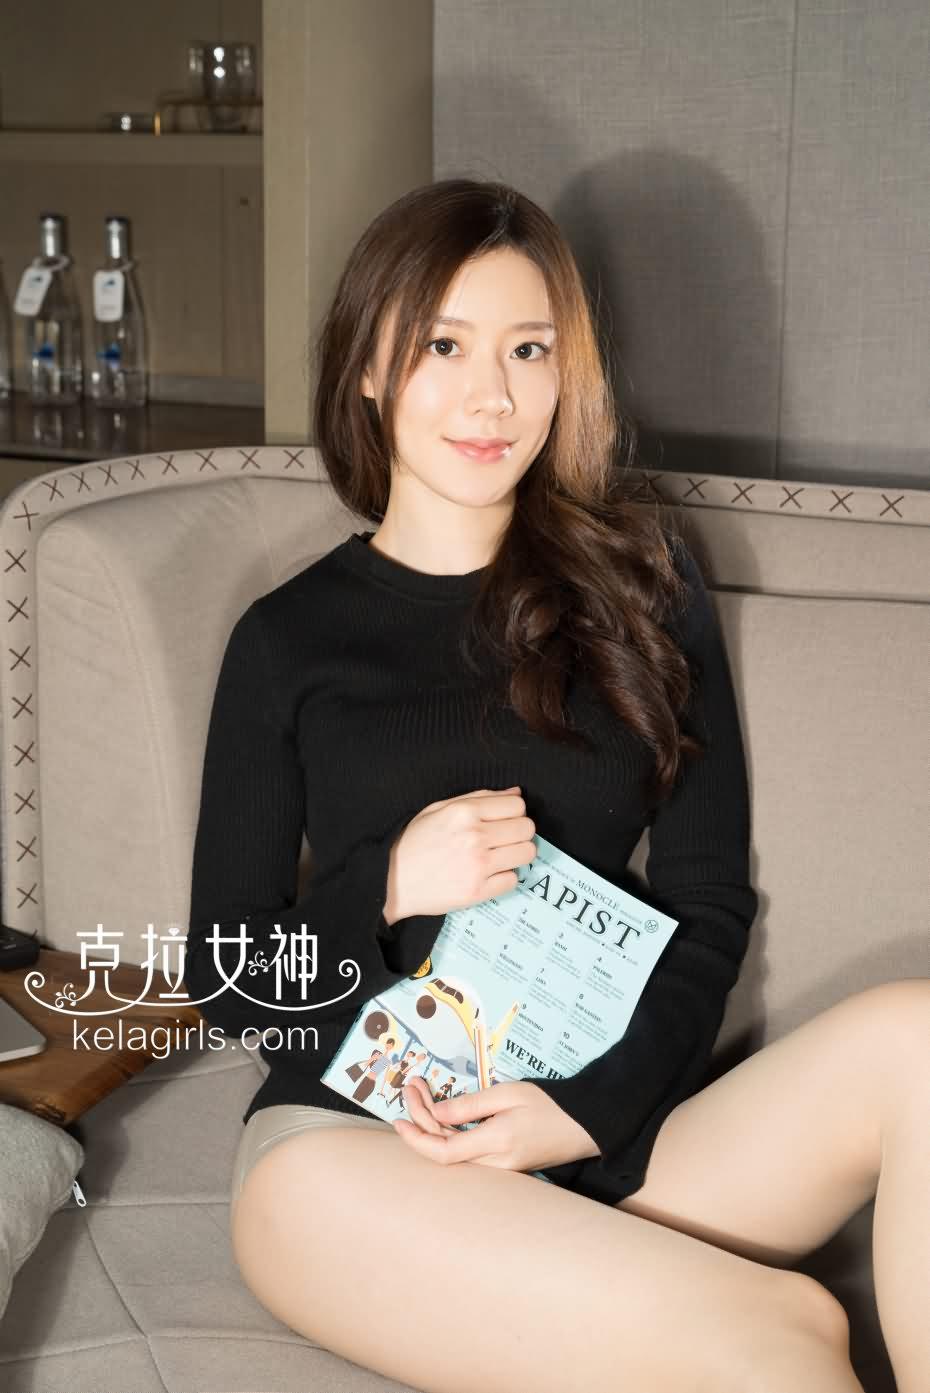 [Kelagirls克拉女神] 只爱陌生人 江琴 2017.08.15 [31P-536MB]